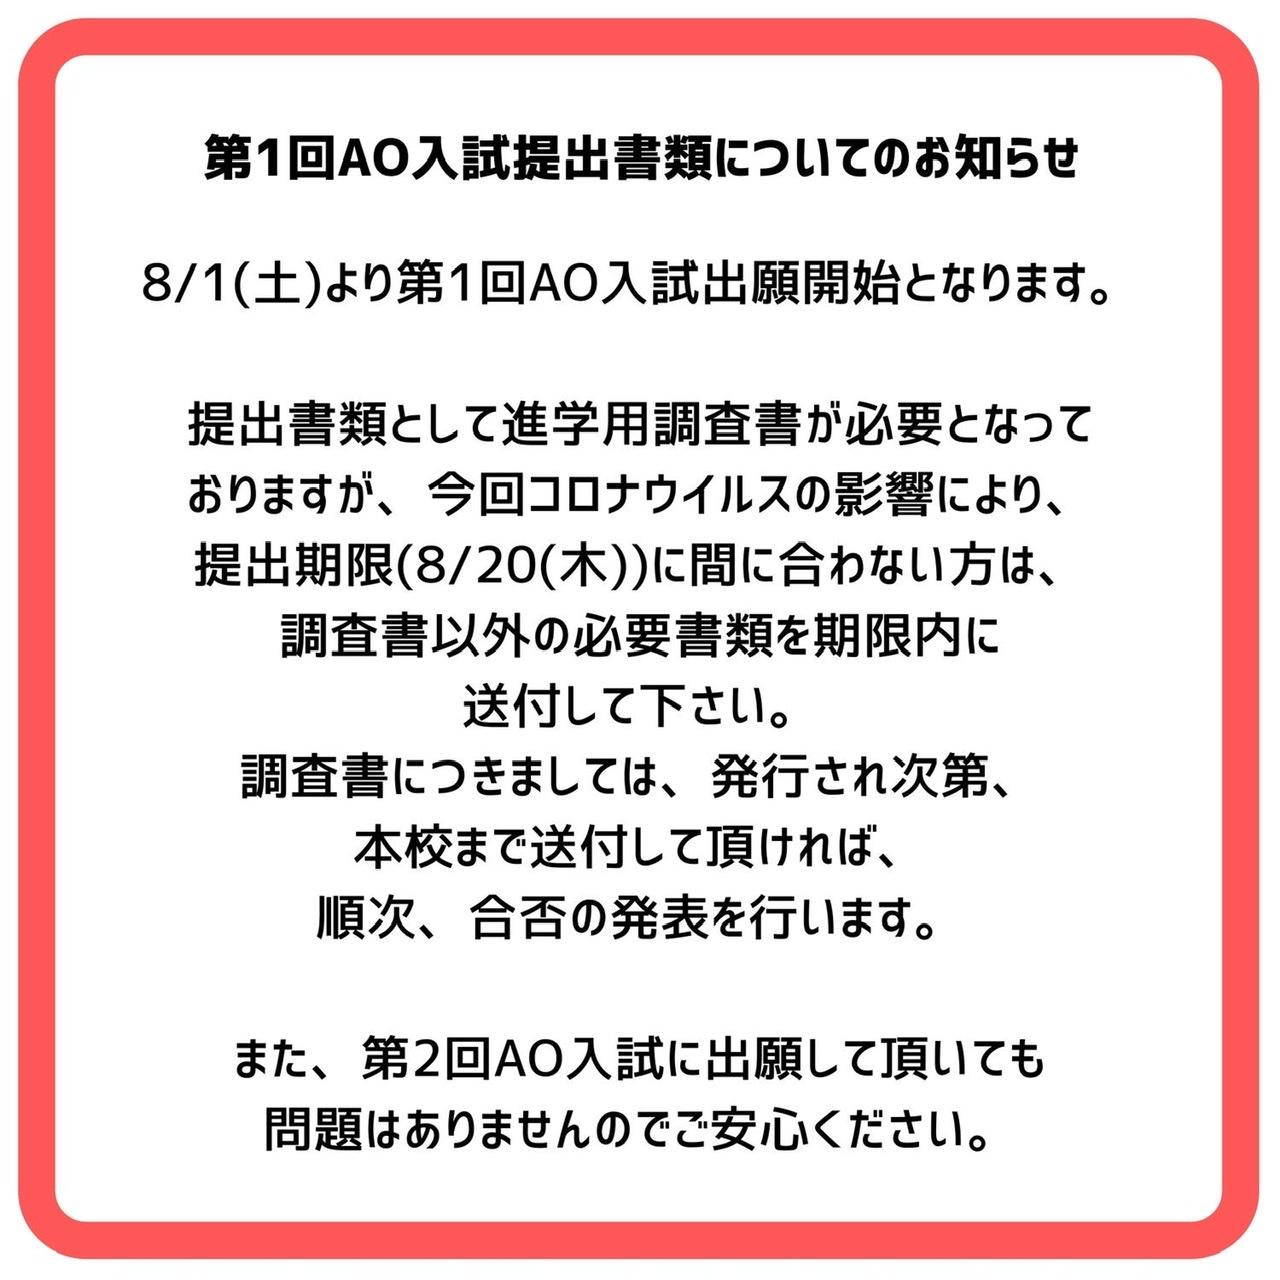 第1回AO入試出願についてのお知らせ